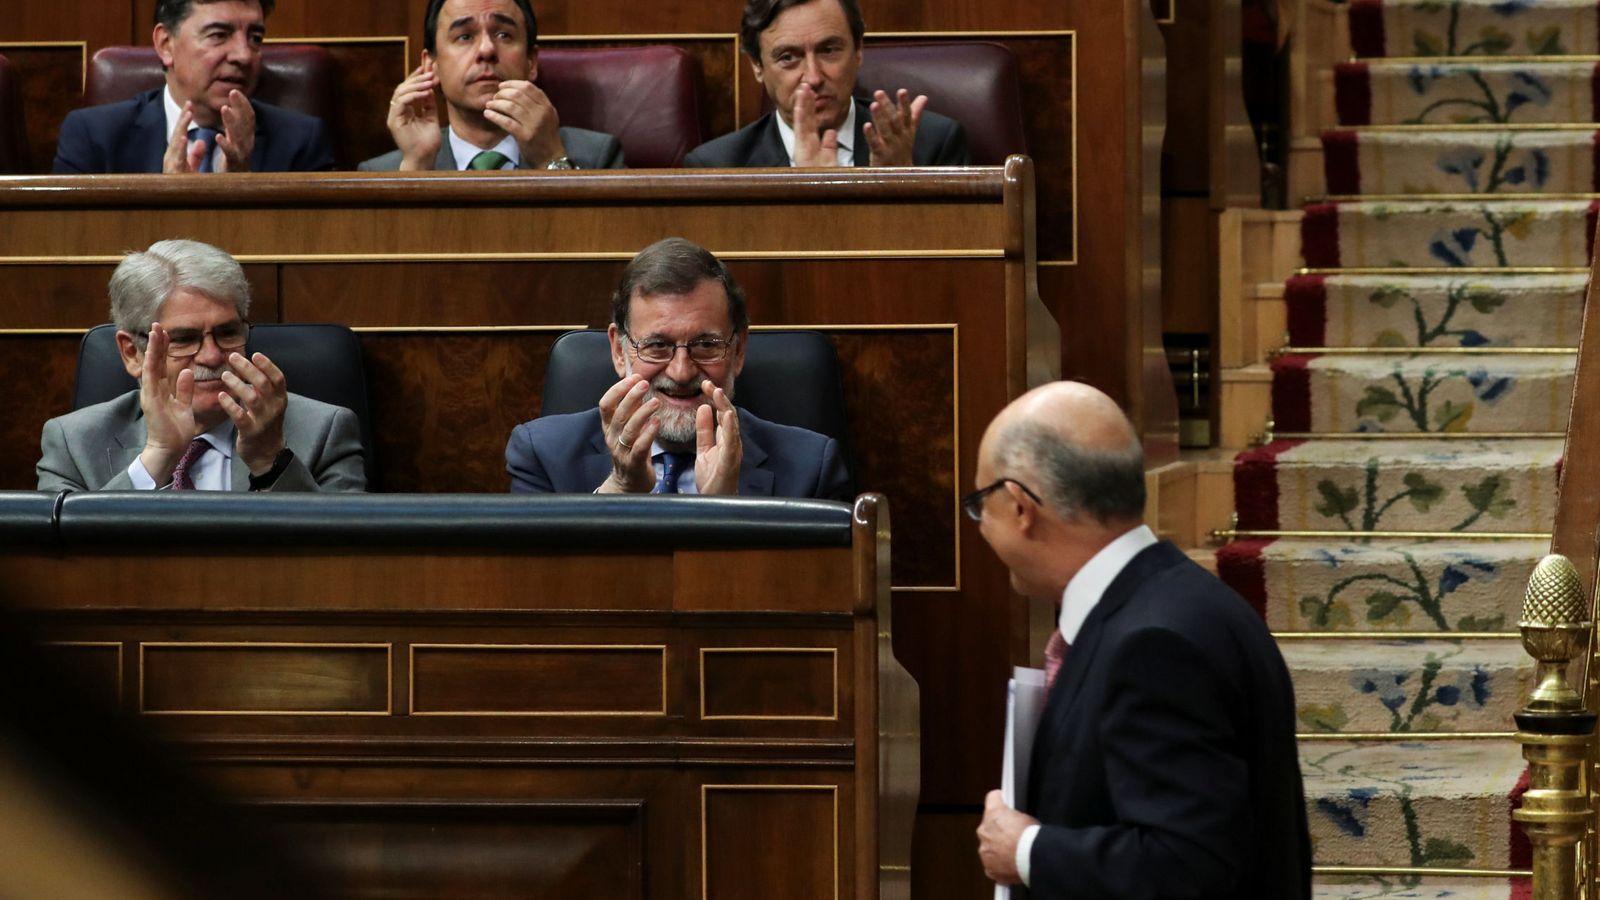 Foto: El ministro de Hacienda, Cristóbal Montoro, ante la mirada del presidente del Gobierno, Mariano Rajoy. (EFE)